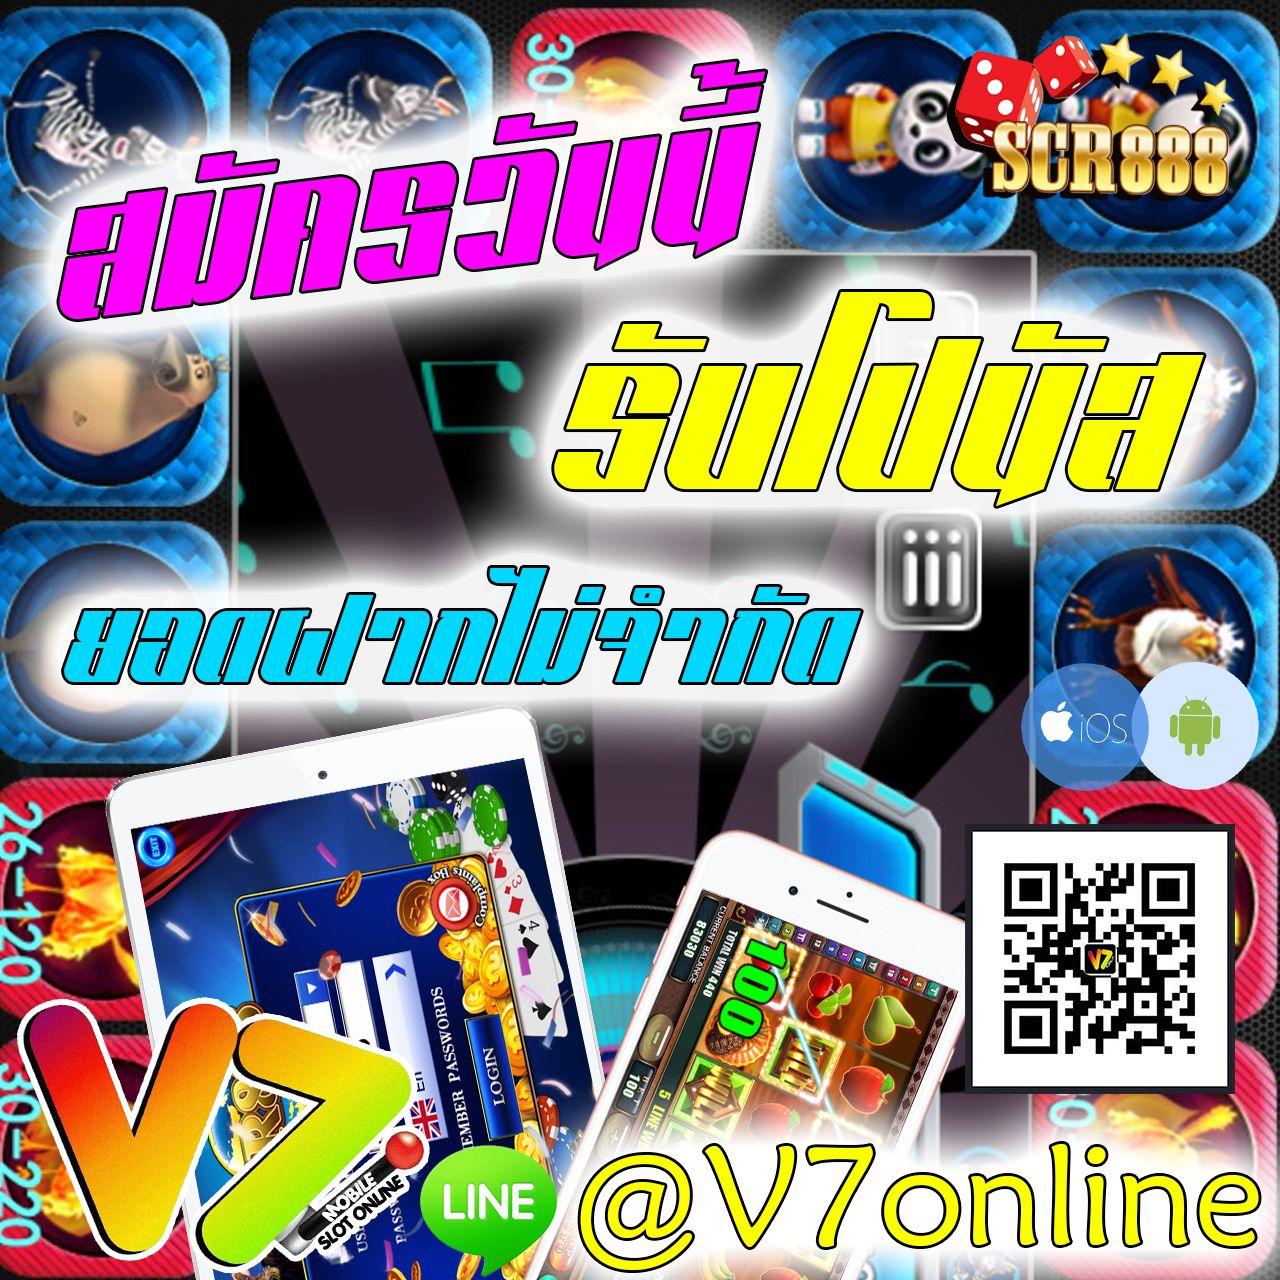 SCR888 ประเทศไทย v7 slot online ใครๆก็มาเล่นมีลูกค้าหลายหมื่นทั่วประเทศ  v7 เปิดมายาวนานจนเป็นที่รู้จักกว้างขวาง คุณลูกค้าเชื่อมั่นในด้านบริการ  ด้านความโปร่งใส การบริการรวดเร็วทันใจ จ่ายตรง ถอนให้ไว  v7 คัดสรรเกมส์คุณภาพที่ระดับแนวหน้าอัจฉริยะกว่าร้อยเกมส์ให้ท่านเลือกเล่น  ทุกทุกเกมส์มีความท้าทายที่แตกต่างแต่มีแจ็คพอตฟรีเกมส์มากมายเหมือนกันหมด  ภาพและเสียงคมชัดสุดตระการตา เล่นแล้วติดใจจนต้องบอกต่อ  อยากมีสิ่งดีๆเข้ามาในชีวิตต้องมาที่ v7slot onlineนะคะ  สมัครสอบถามได้ที่ LINE :ID@v7online